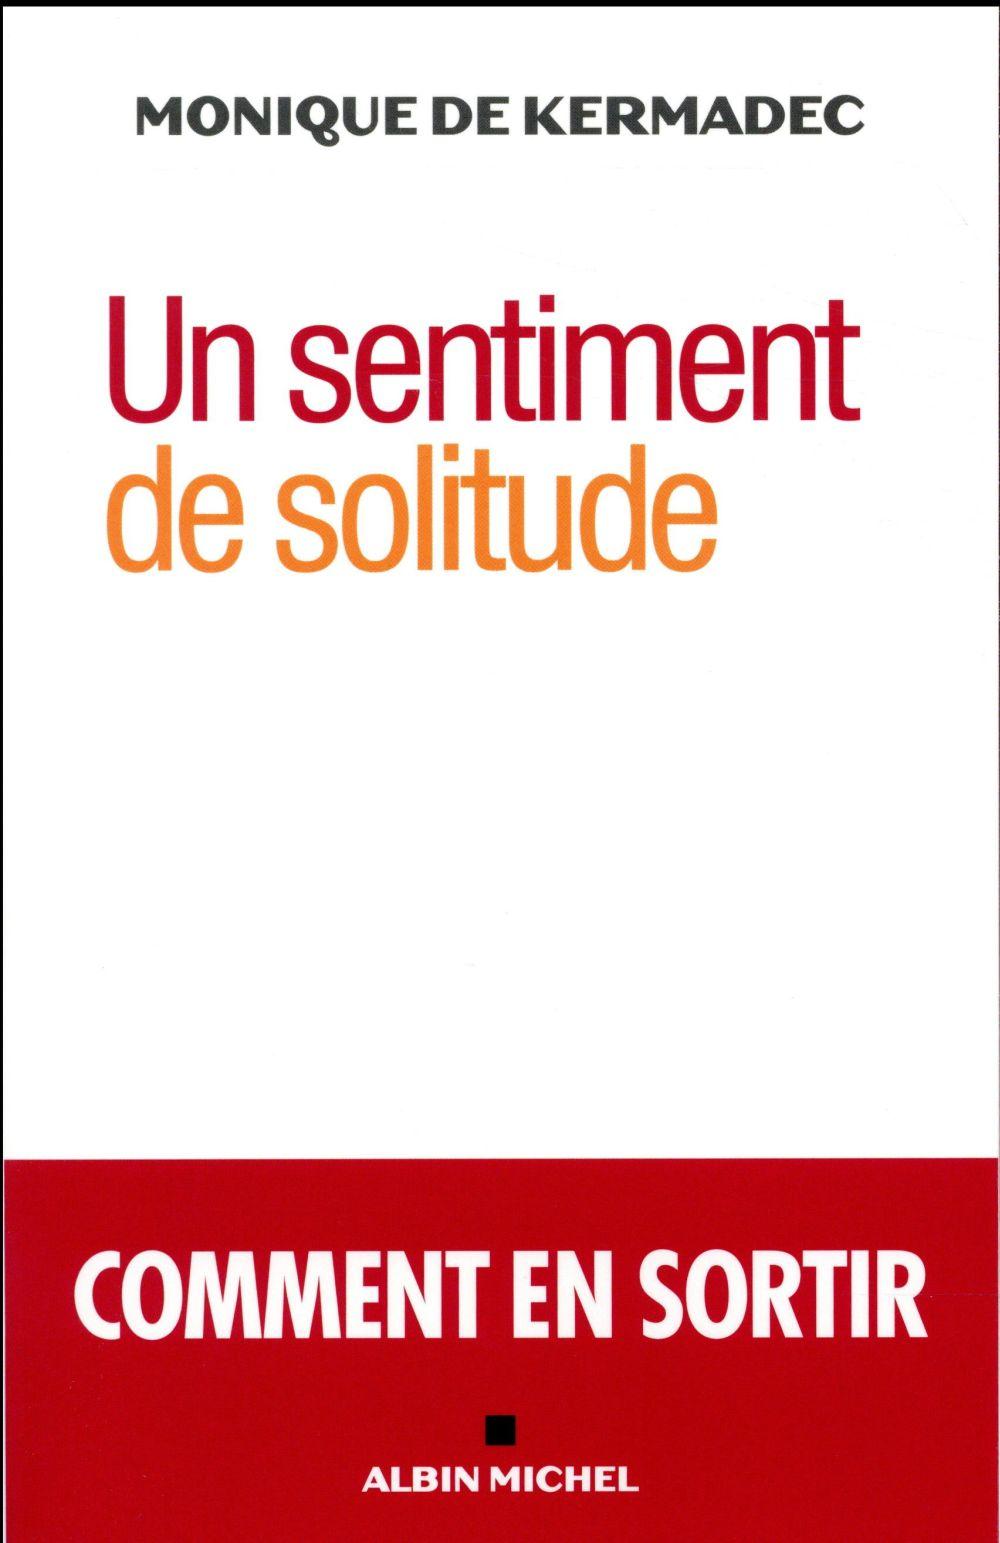 UN SENTIMENT DE SOLITUDE Kermadec Monique de Albin Michel